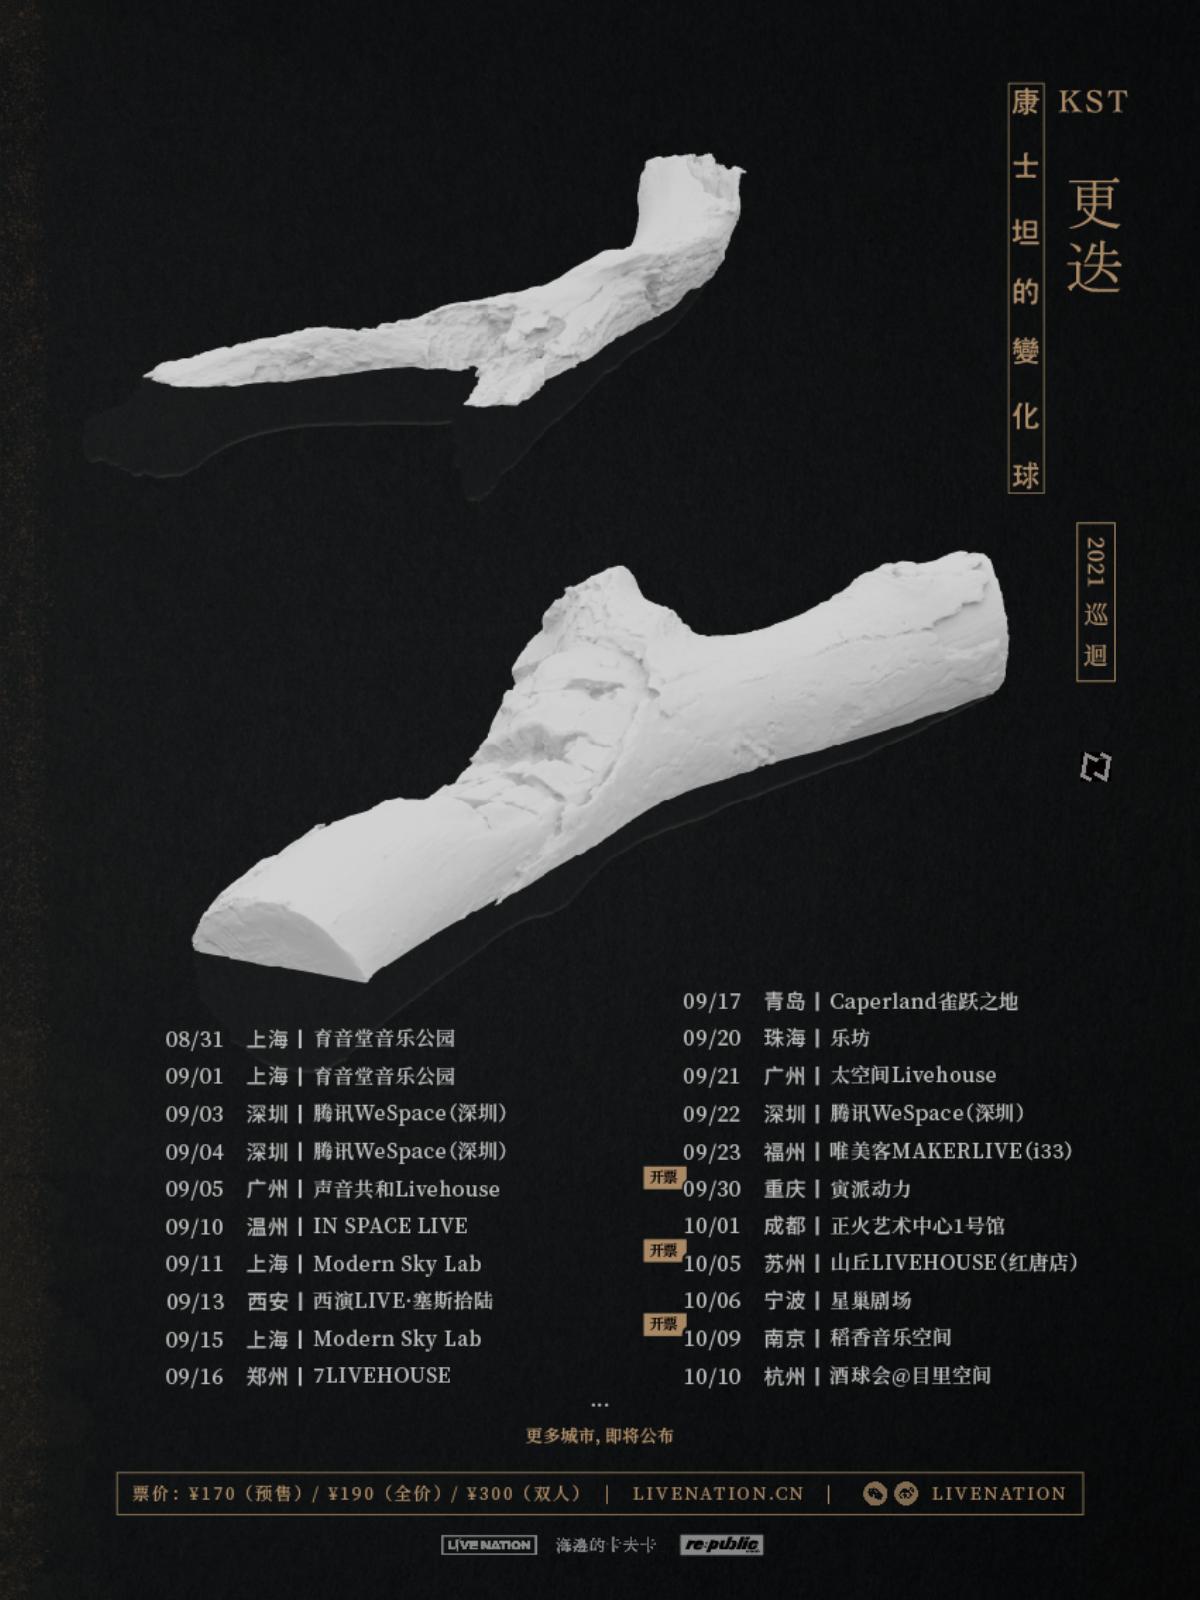 「康士坦的变化球」《更迭》巡回 重庆站